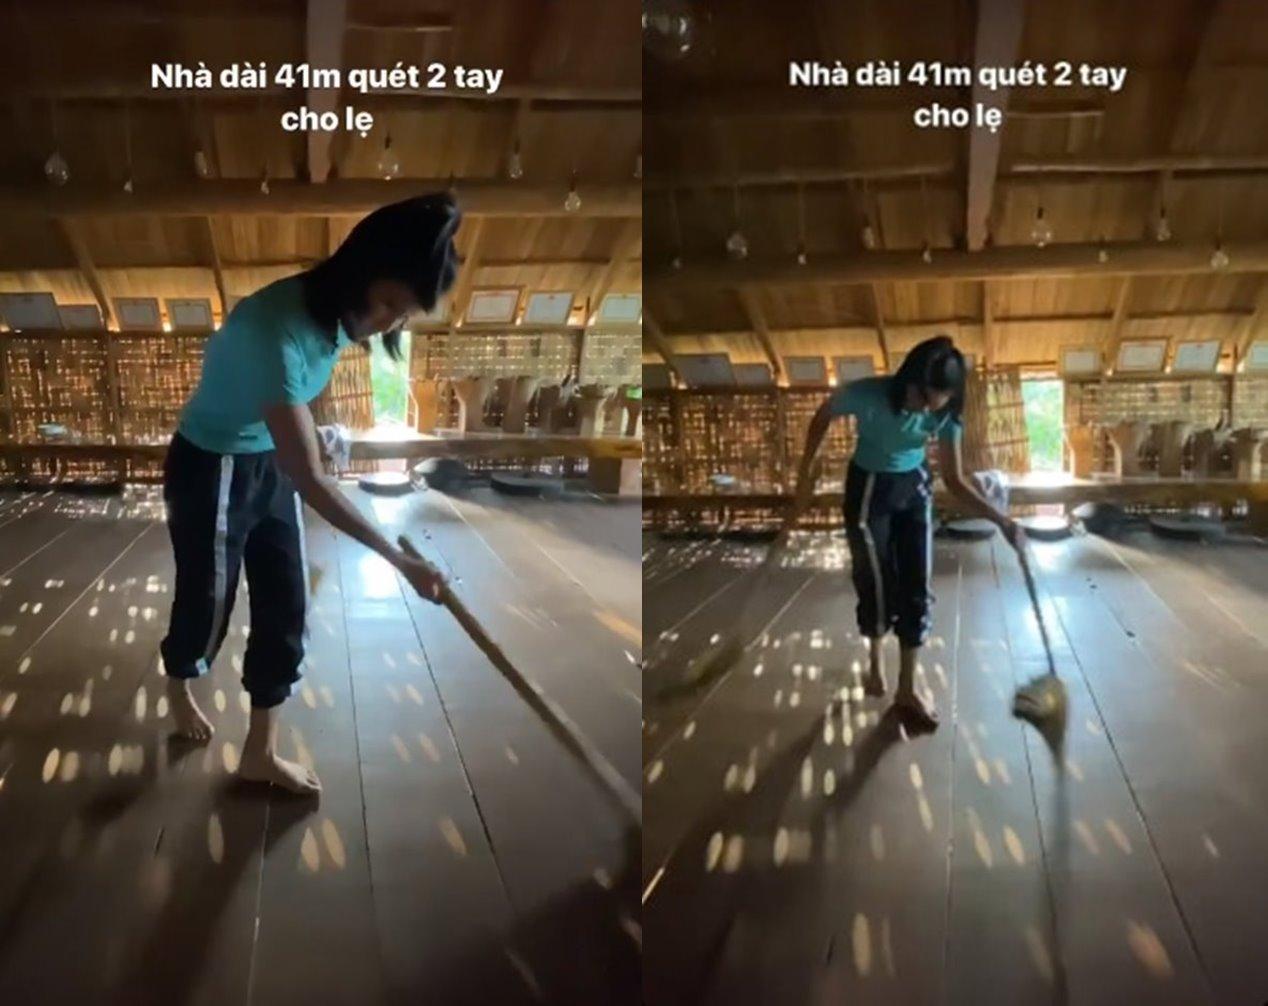 Bất ngờ trước ngôi nhà sàn dài 41m ở Đắk Lắk của hoa hậu H'Hen Niê - 1